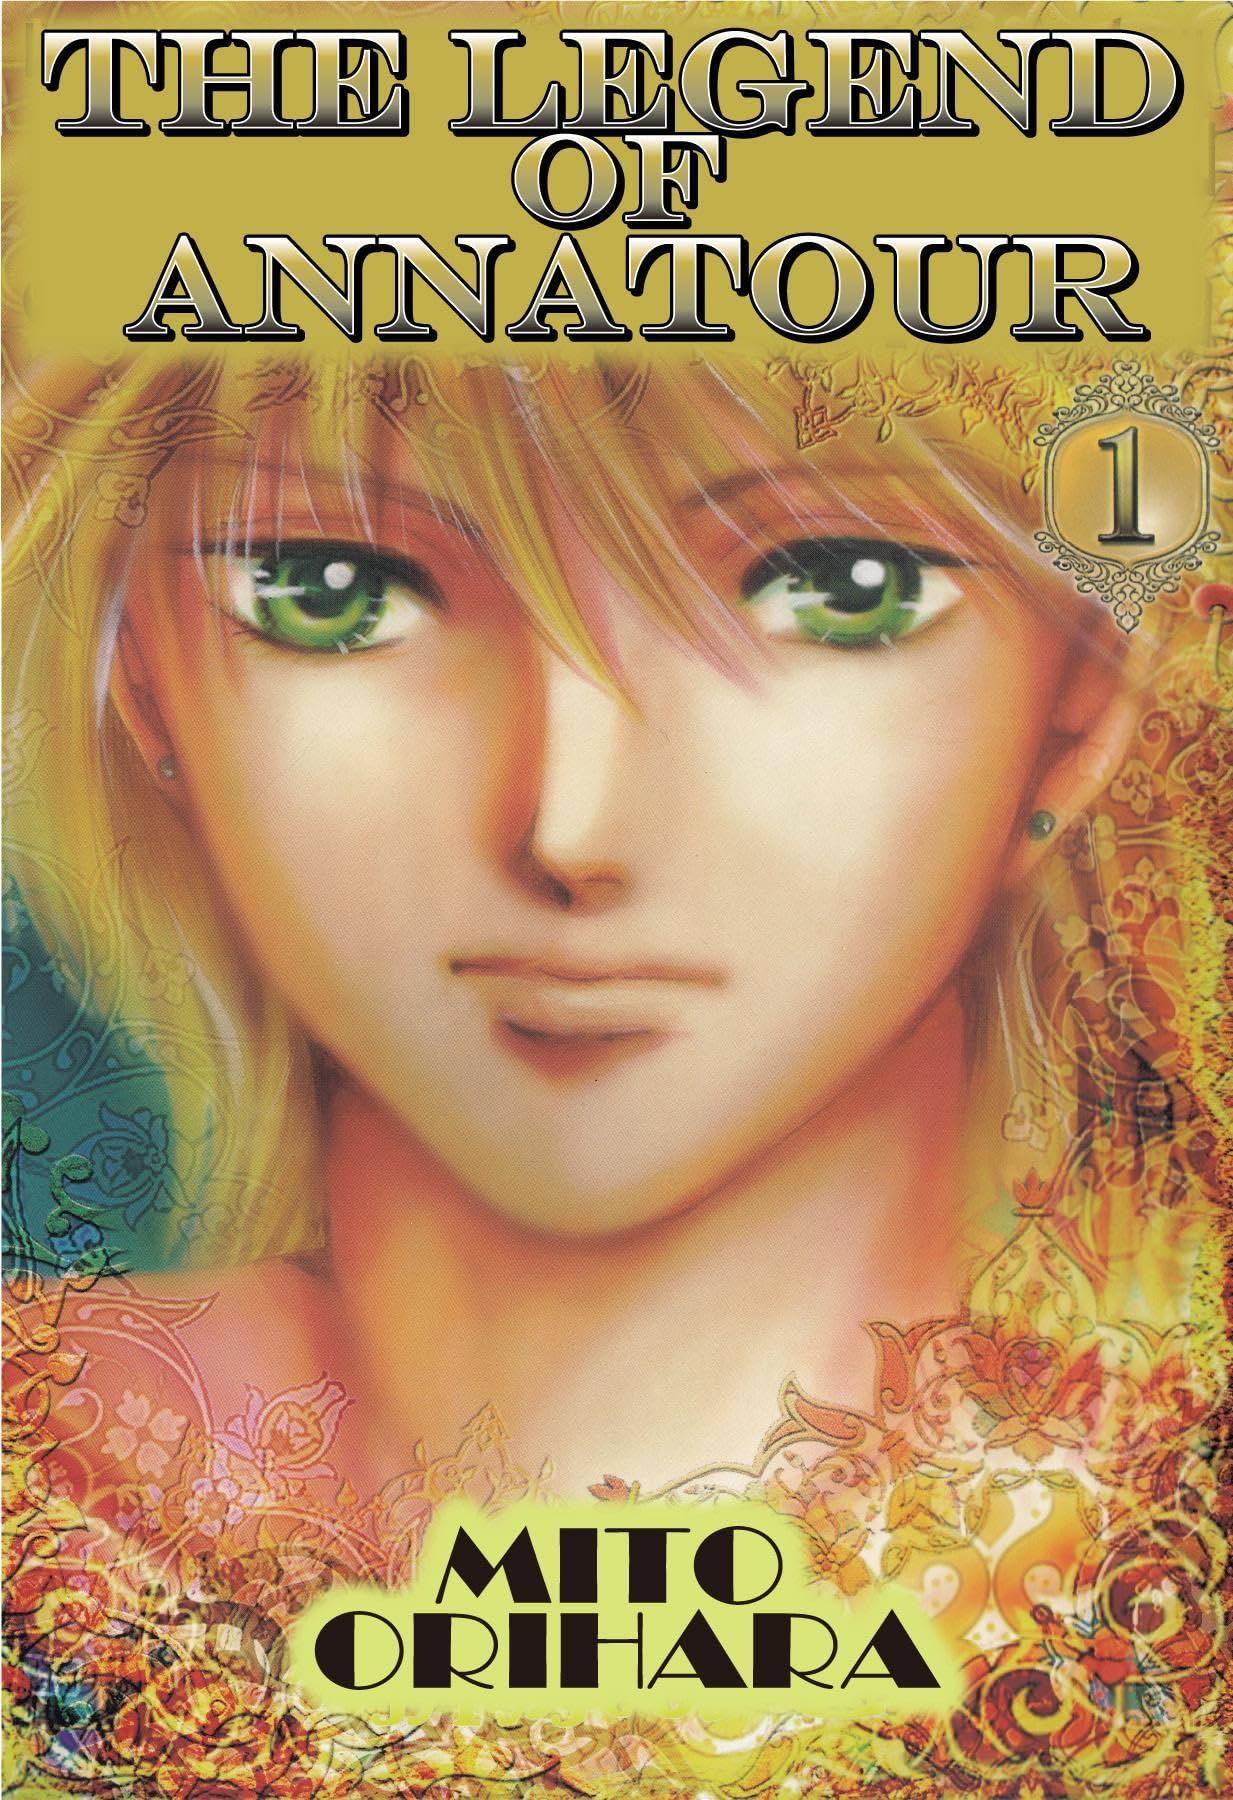 THE LEGEND OF ANNATOUR Vol. 1